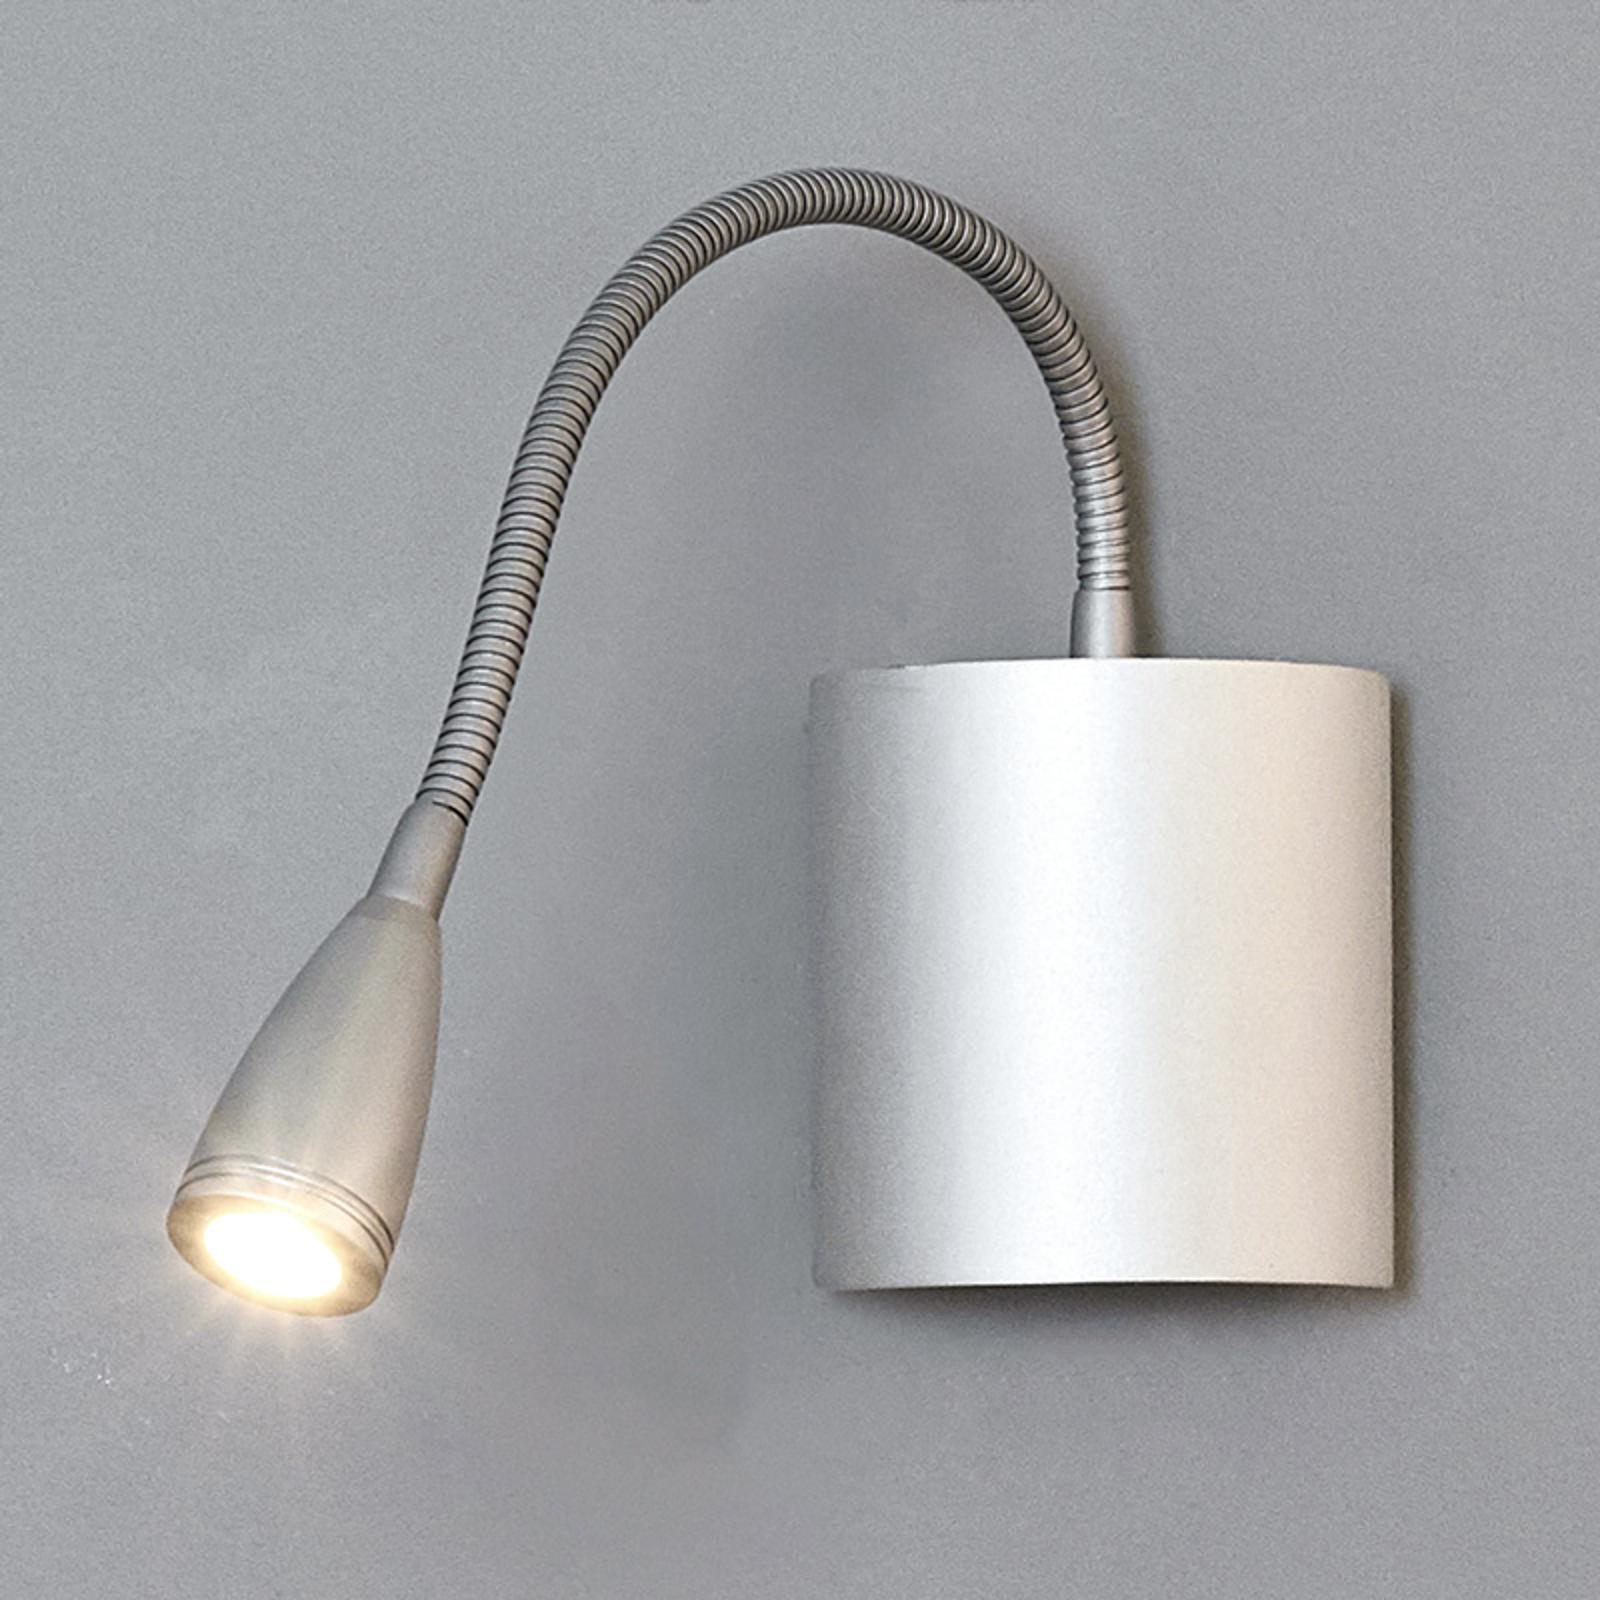 Flexibilní nástěnné svítidlo na čtení Anneli s LED